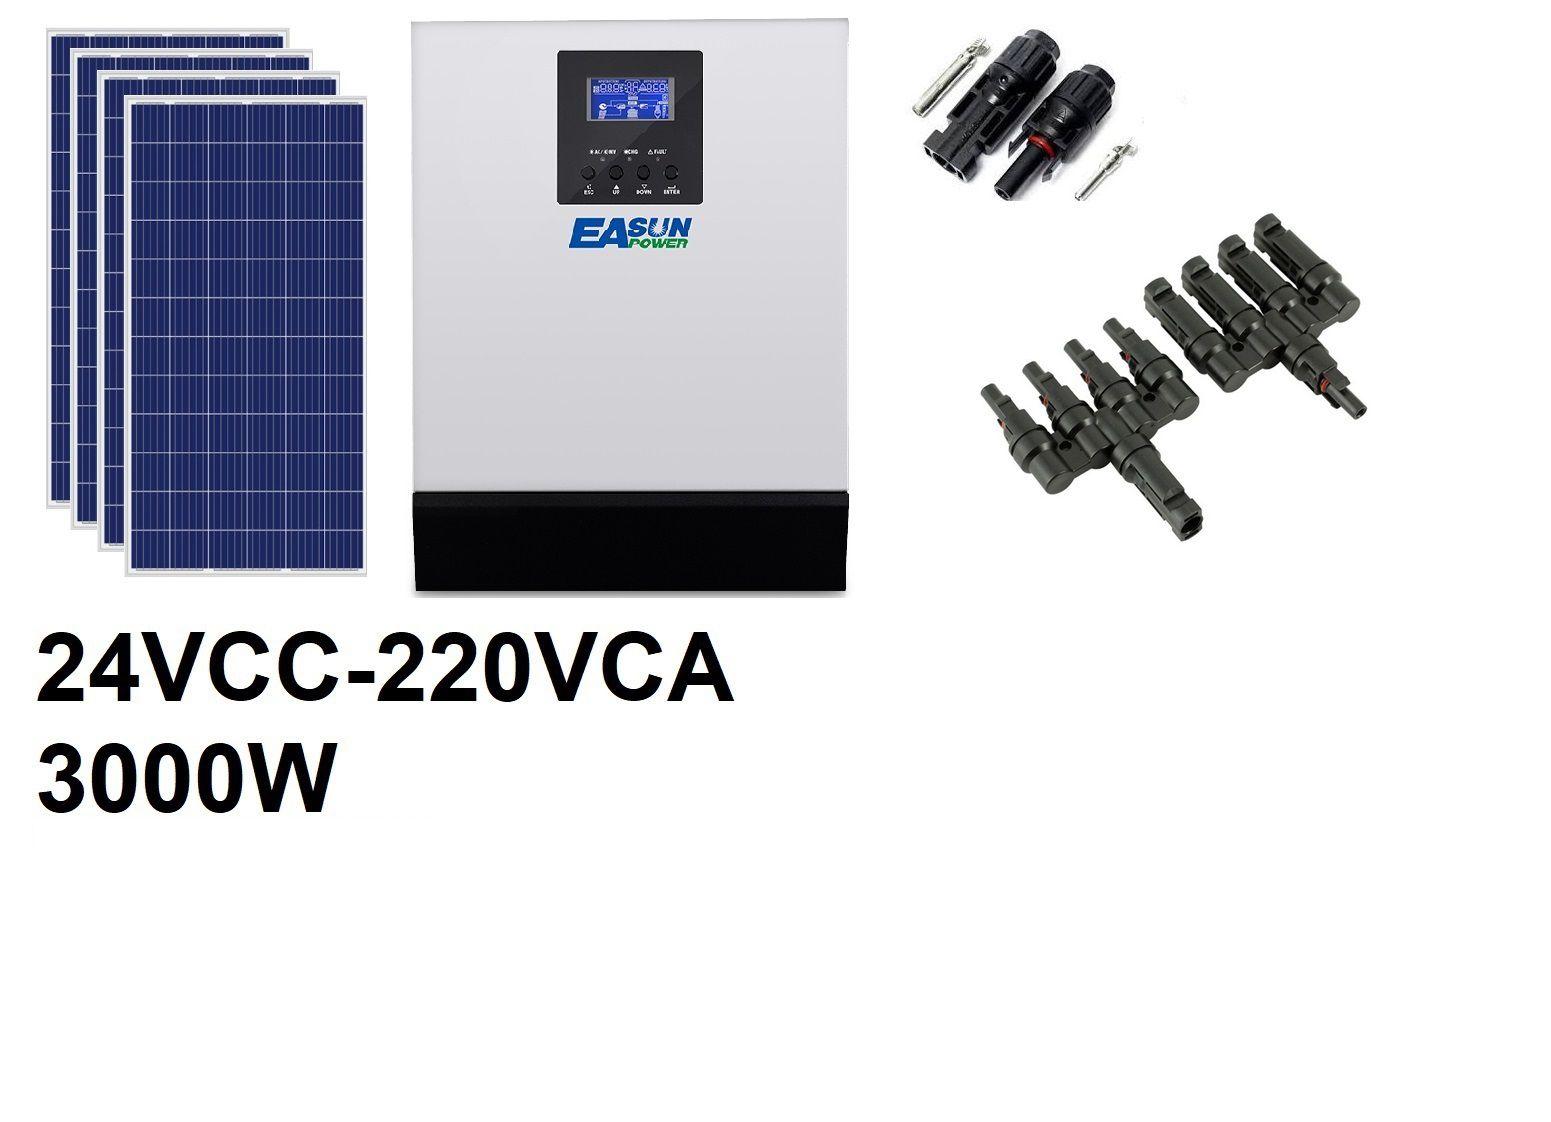 KIT OFF GRID - 3000W220VCA 1060Wp (PARA BANCO DE BATERIAS EM 24VCC)